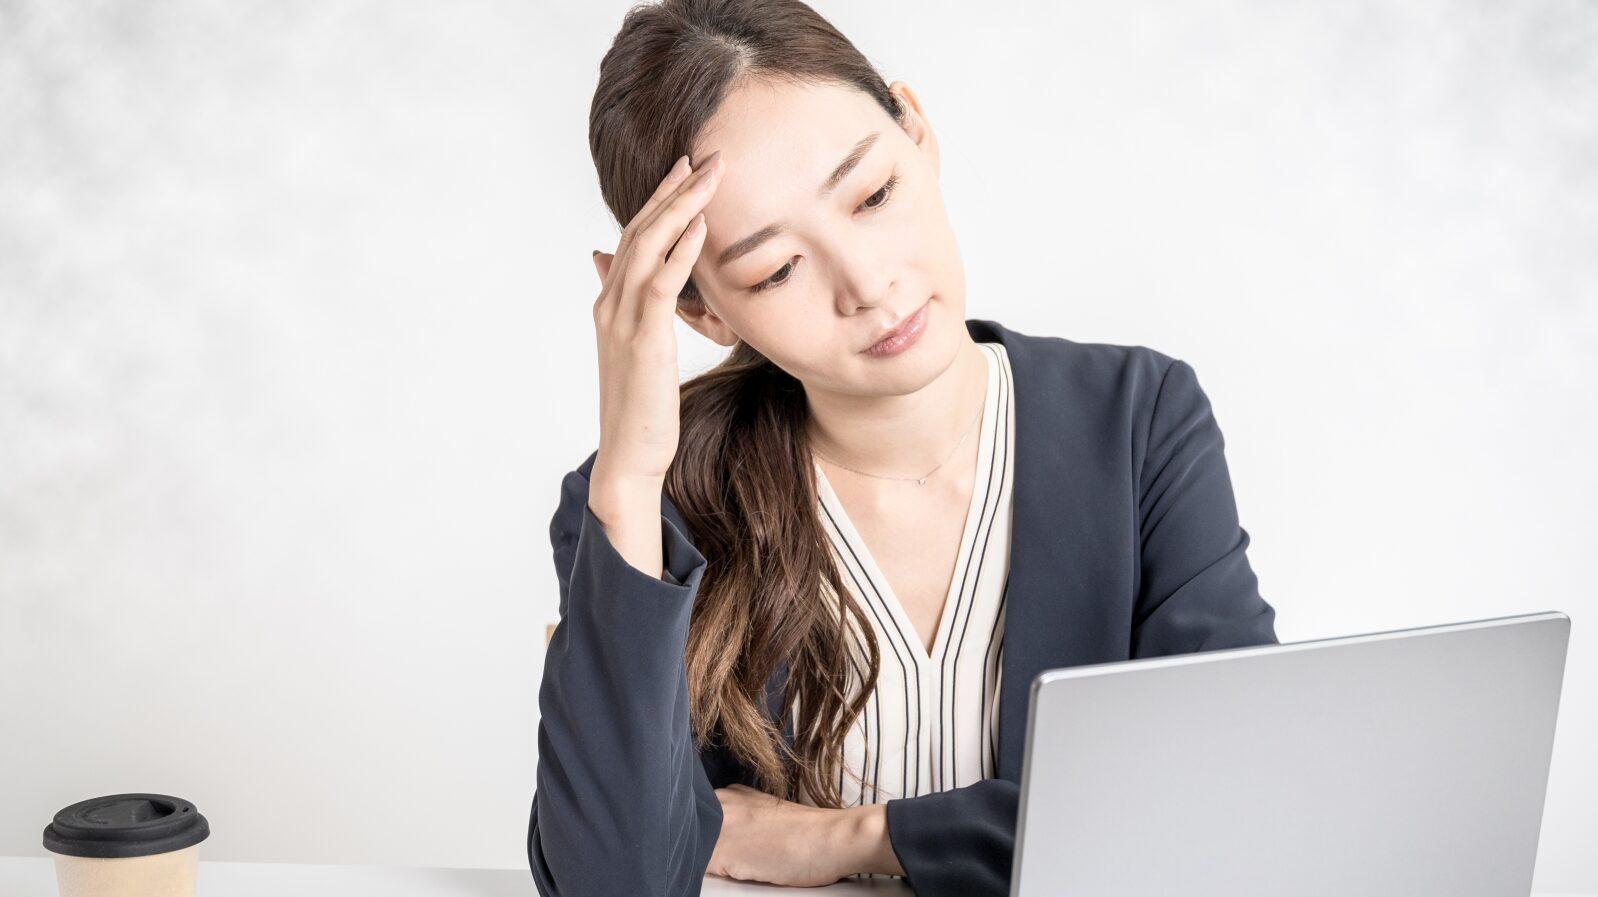 コロナ禍のストレスチェックの重要性と57・80項目では不十分な理由